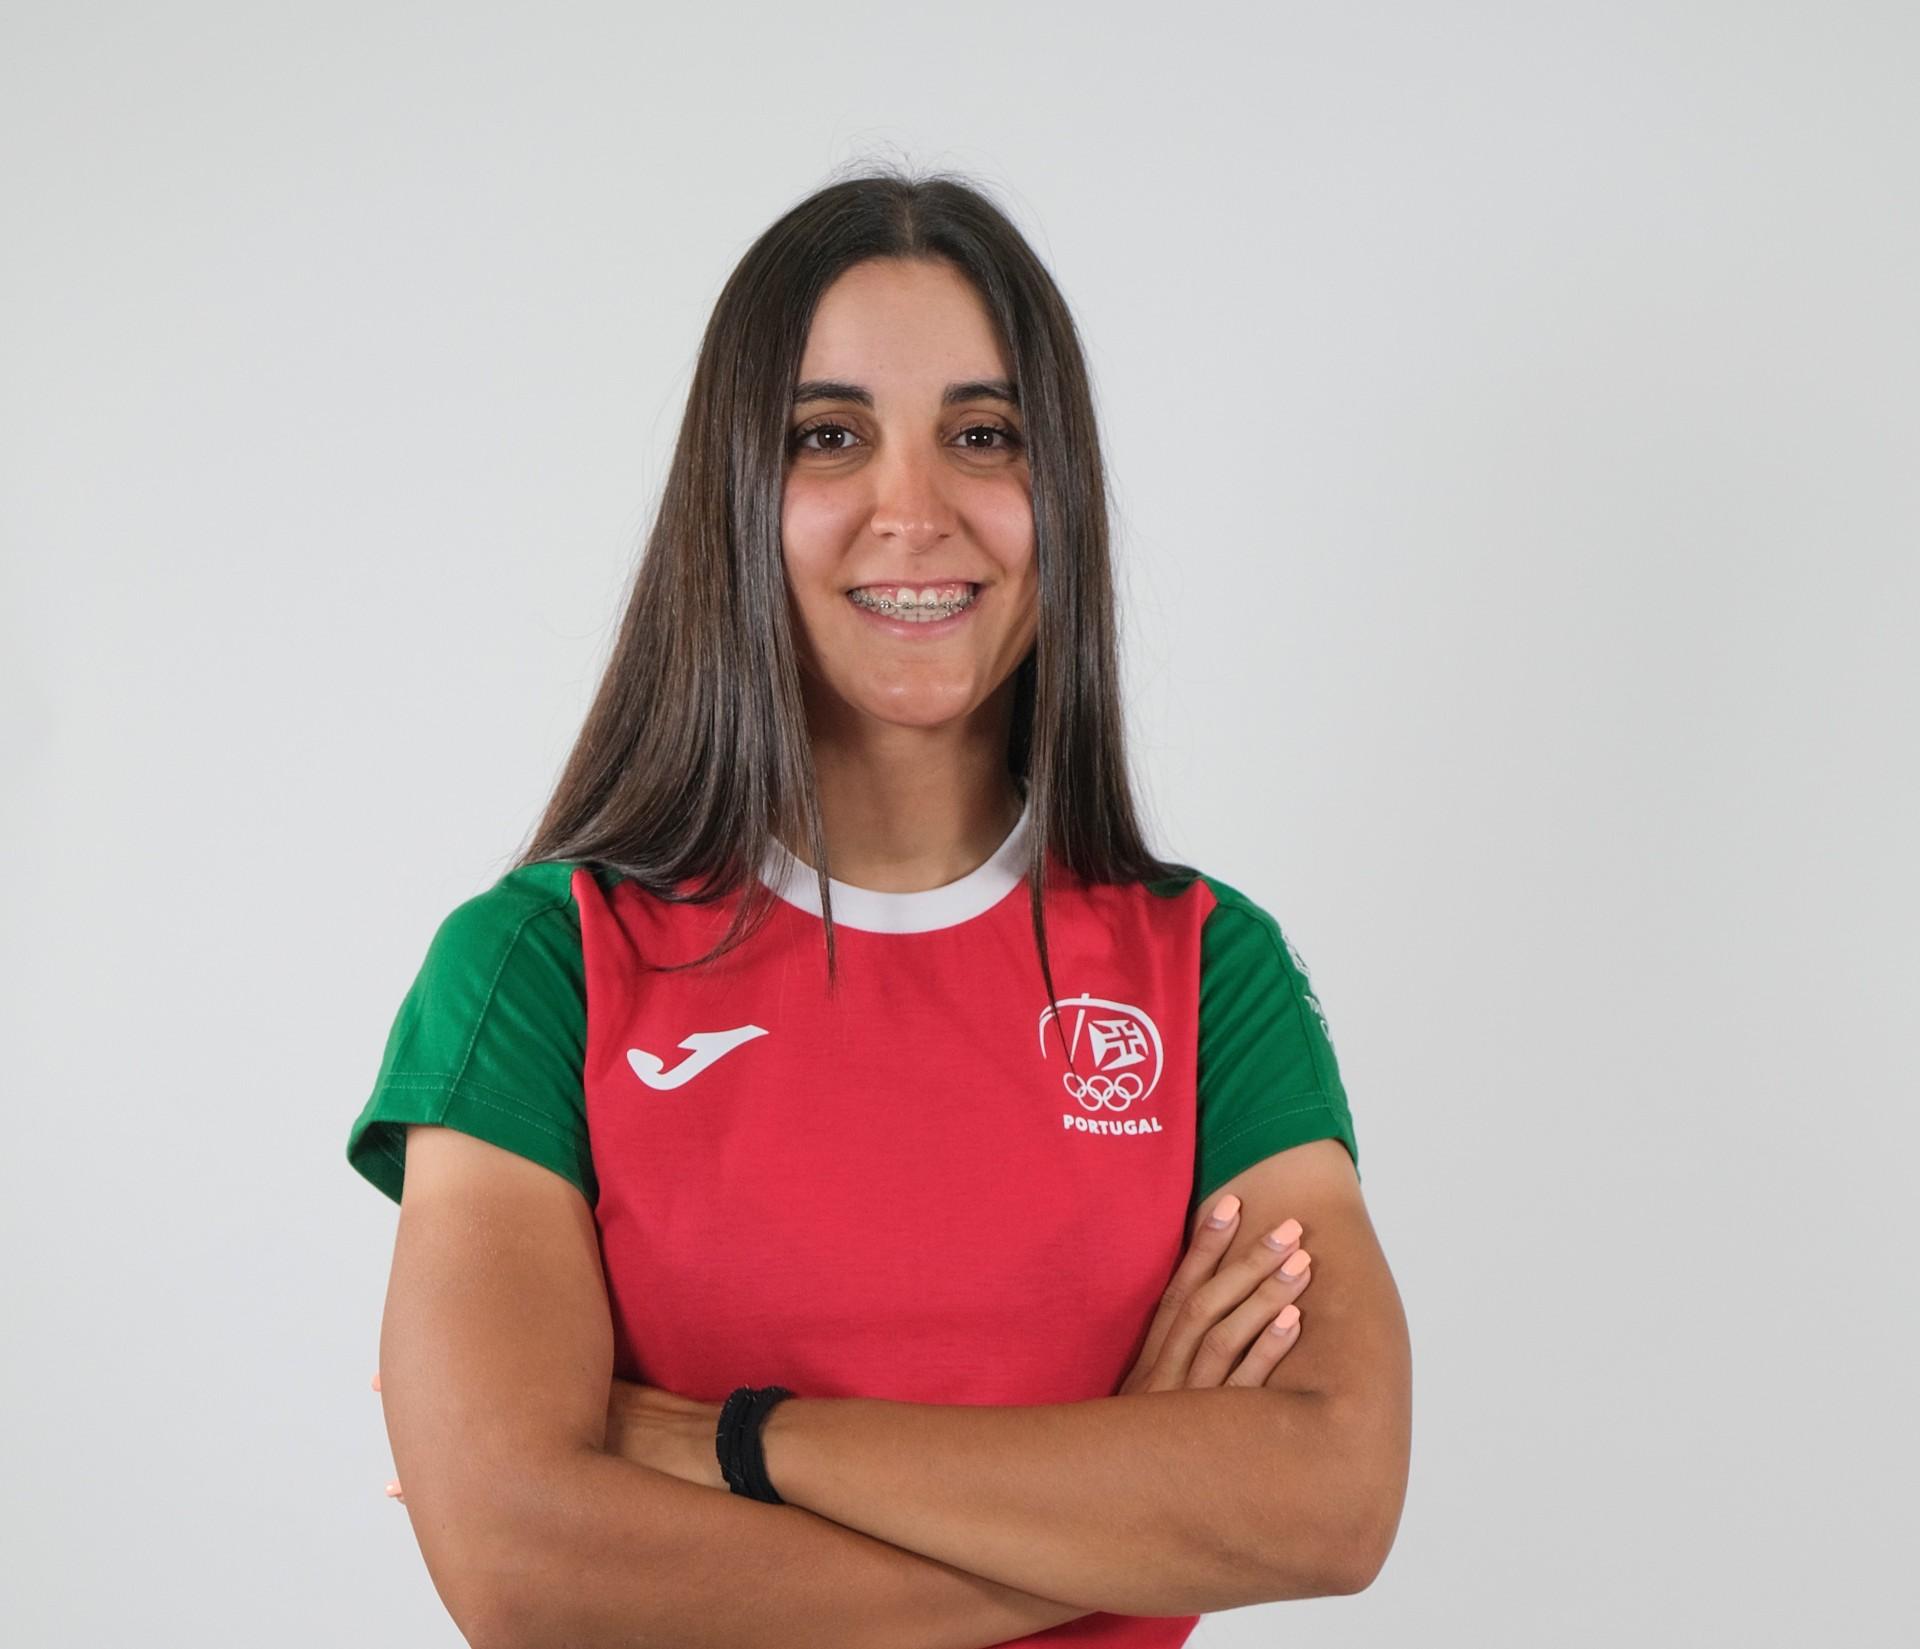 Raquel Queirós 27.ª na prova de XCO dos Jogos Olímpicos